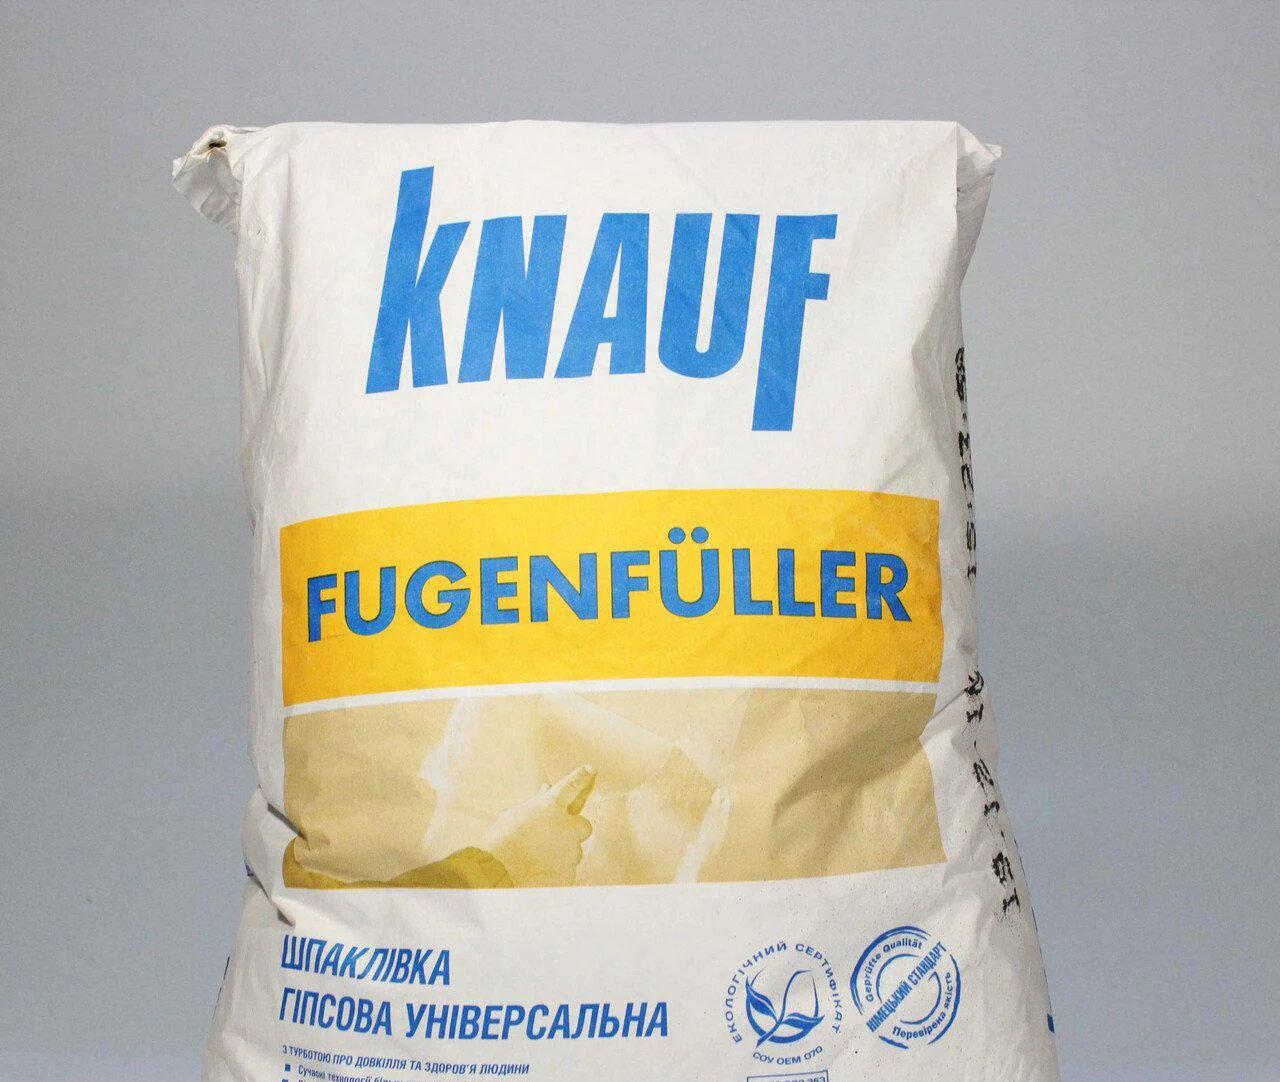 Клей Knauf Fugenfuller